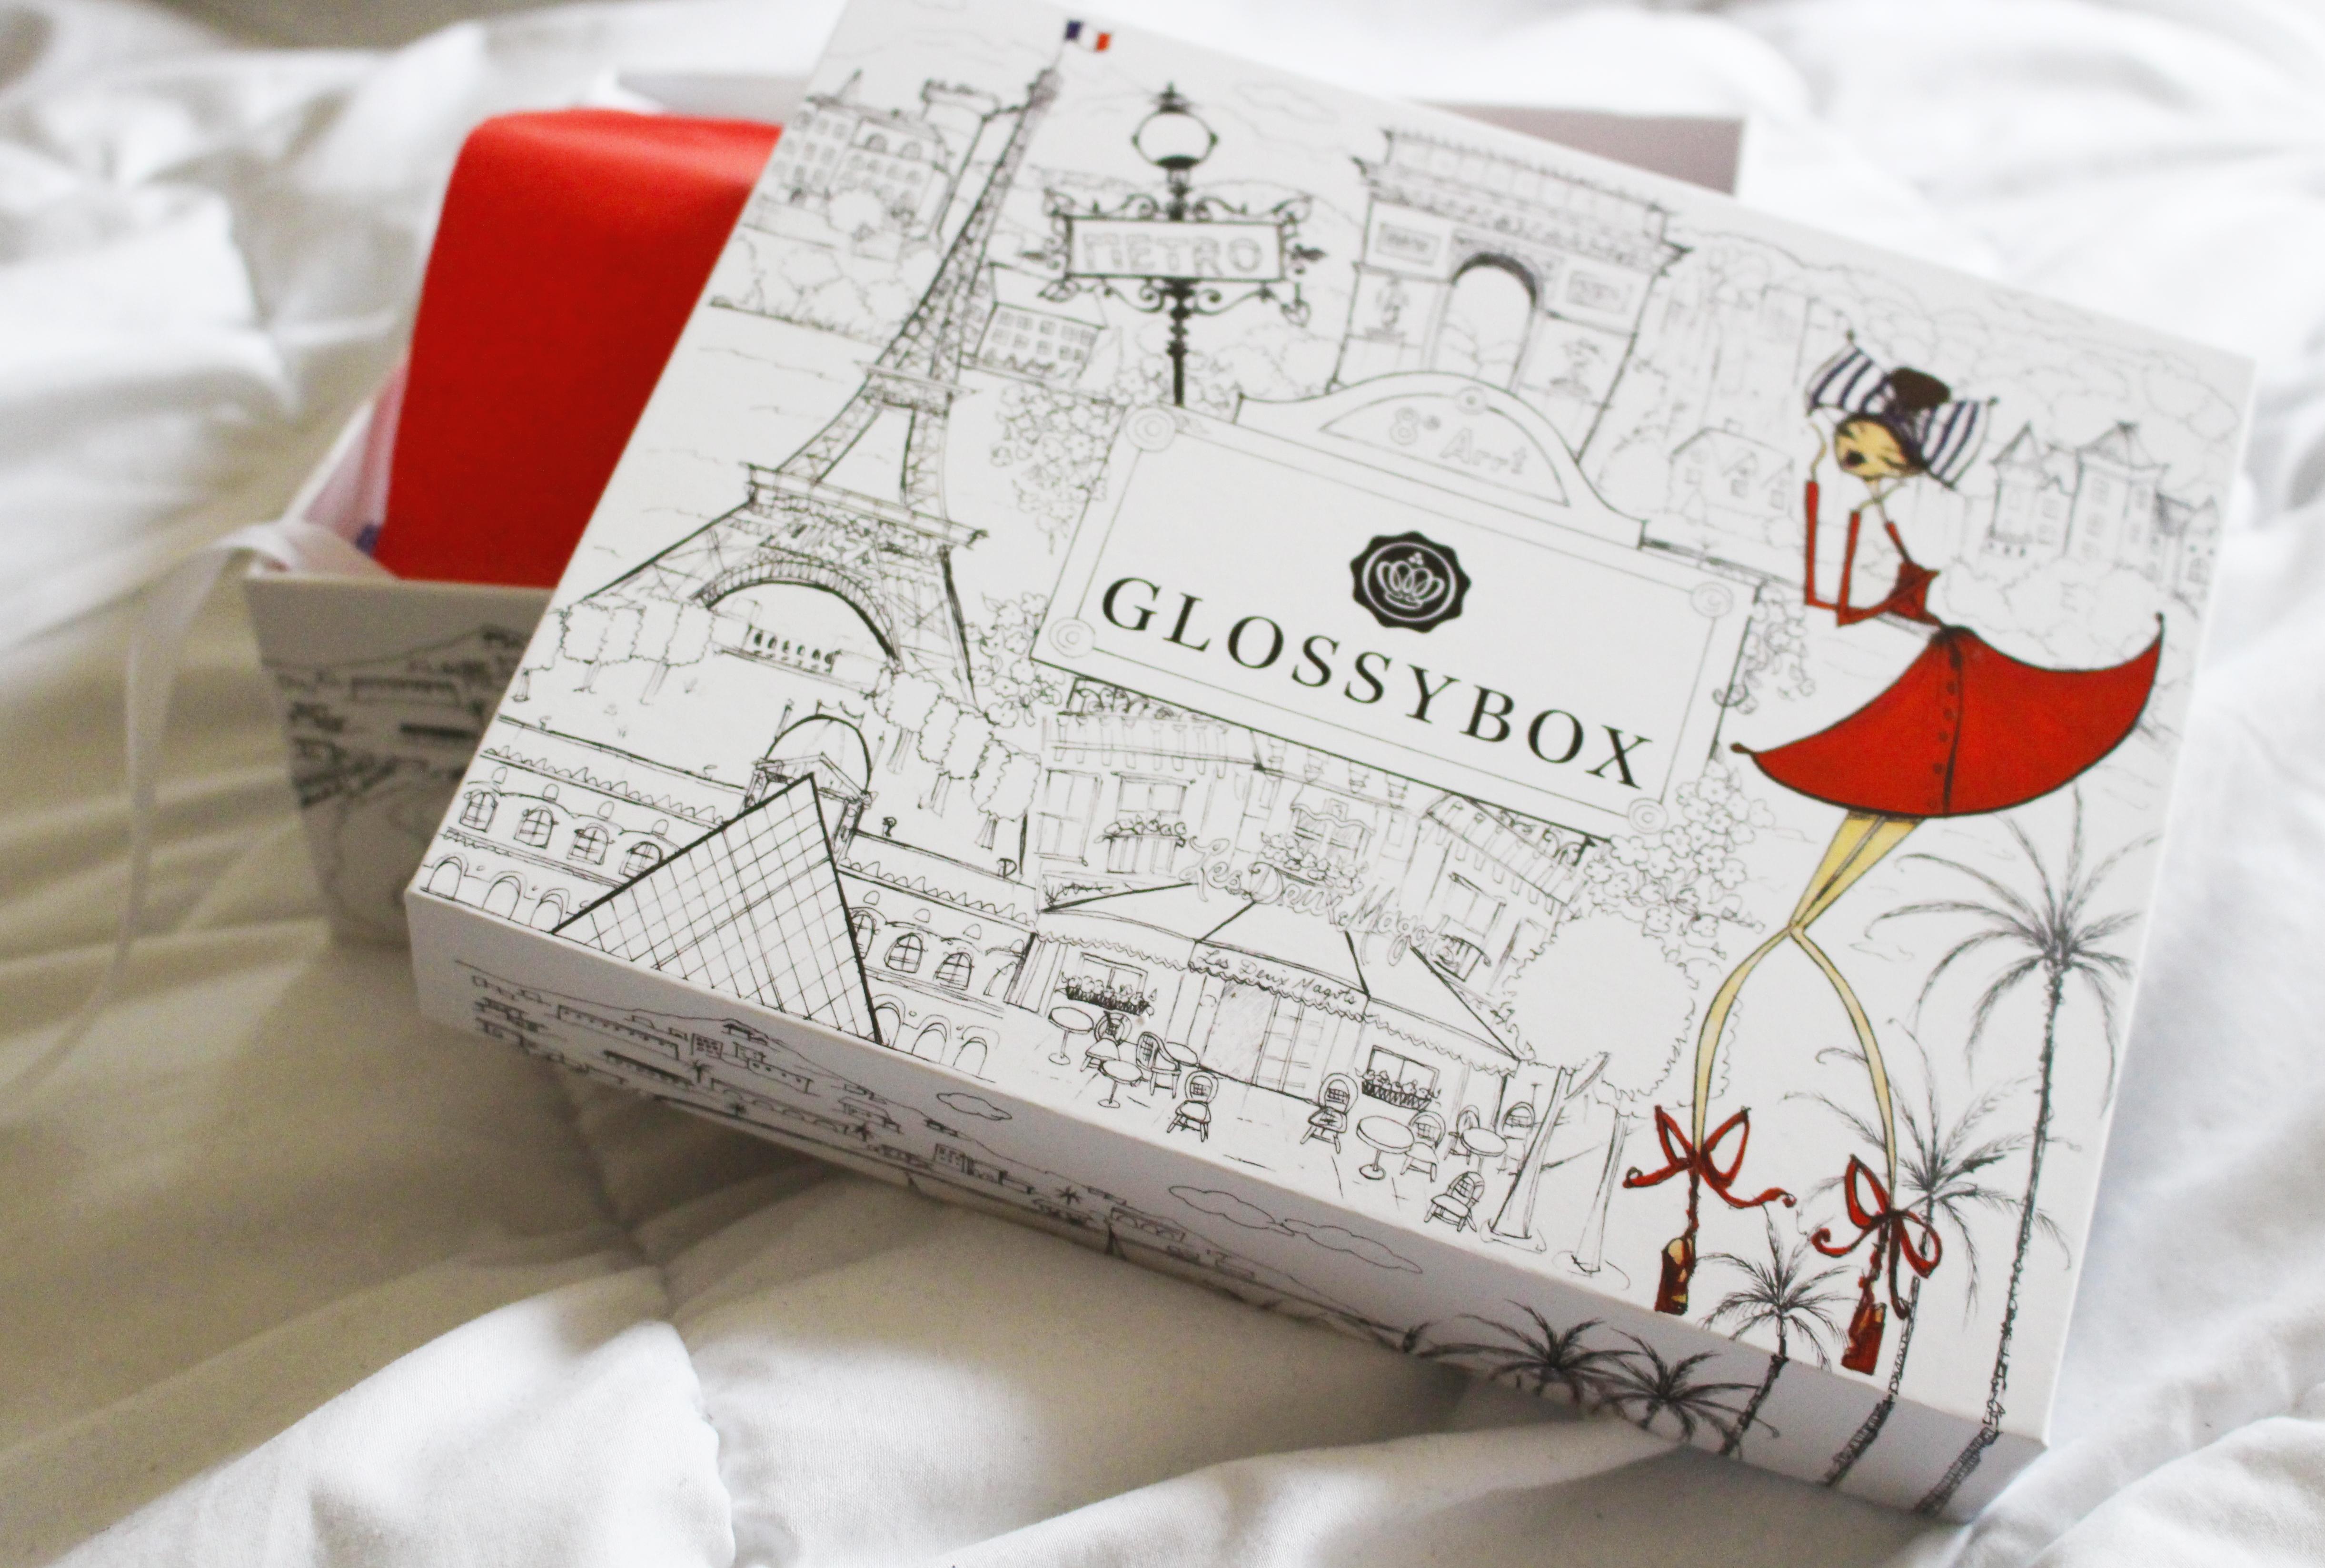 la coquette glossybox